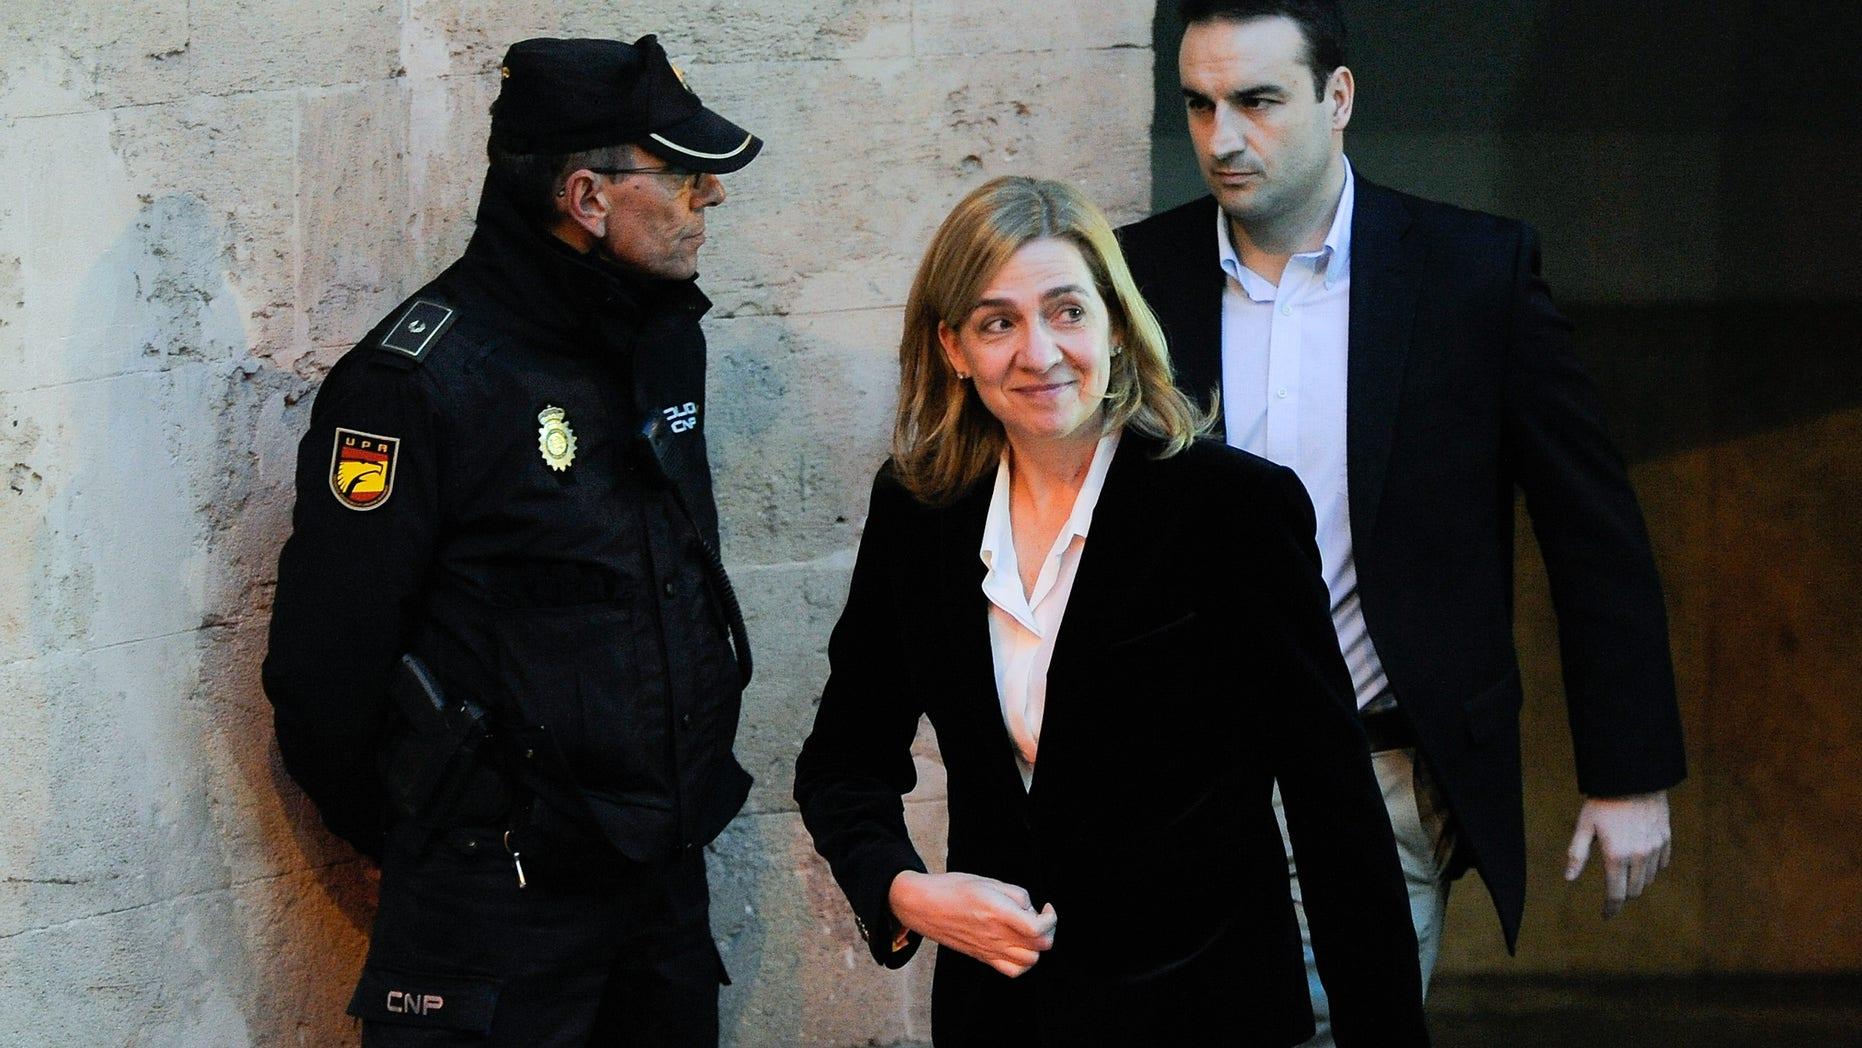 Princess Cristina leaves the Palma de Mallorca Couthouse on February 8, 2014 in Palma de Mallorca, Spain.